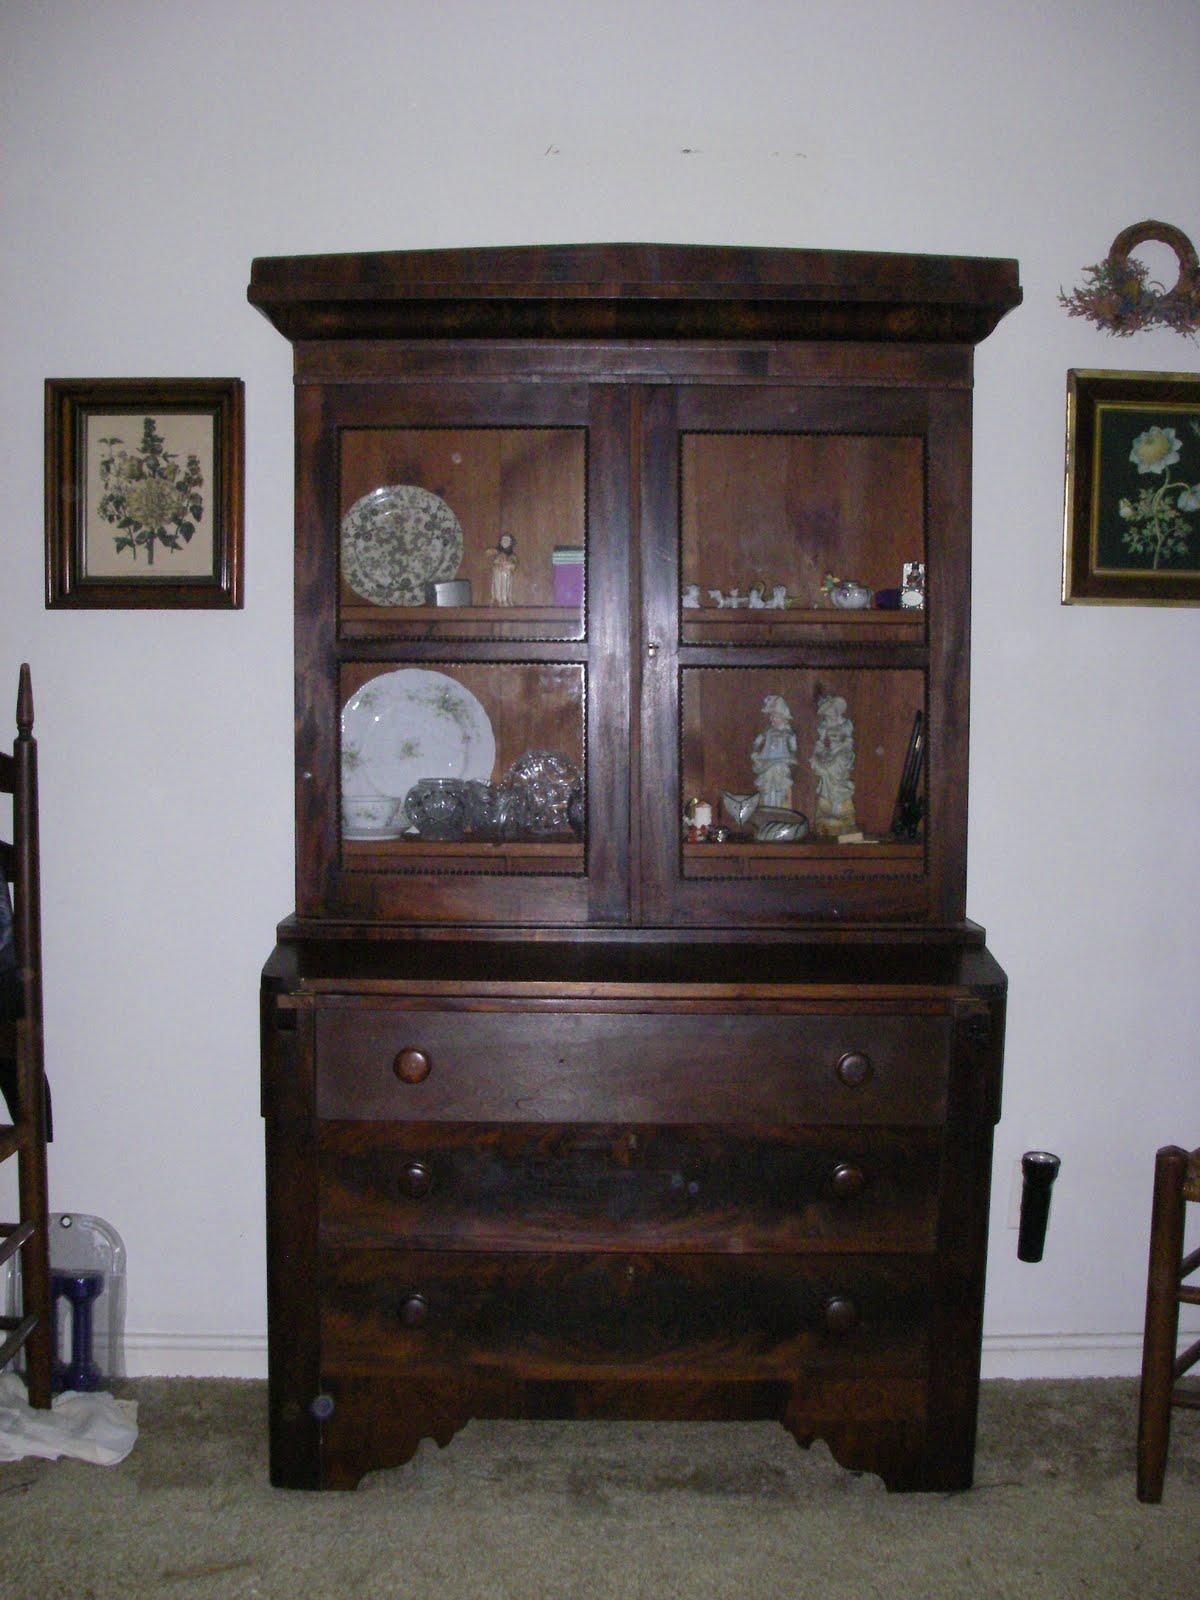 Yard sale furniture estate sale antique cabinet hutch for Furniture yard sale near me